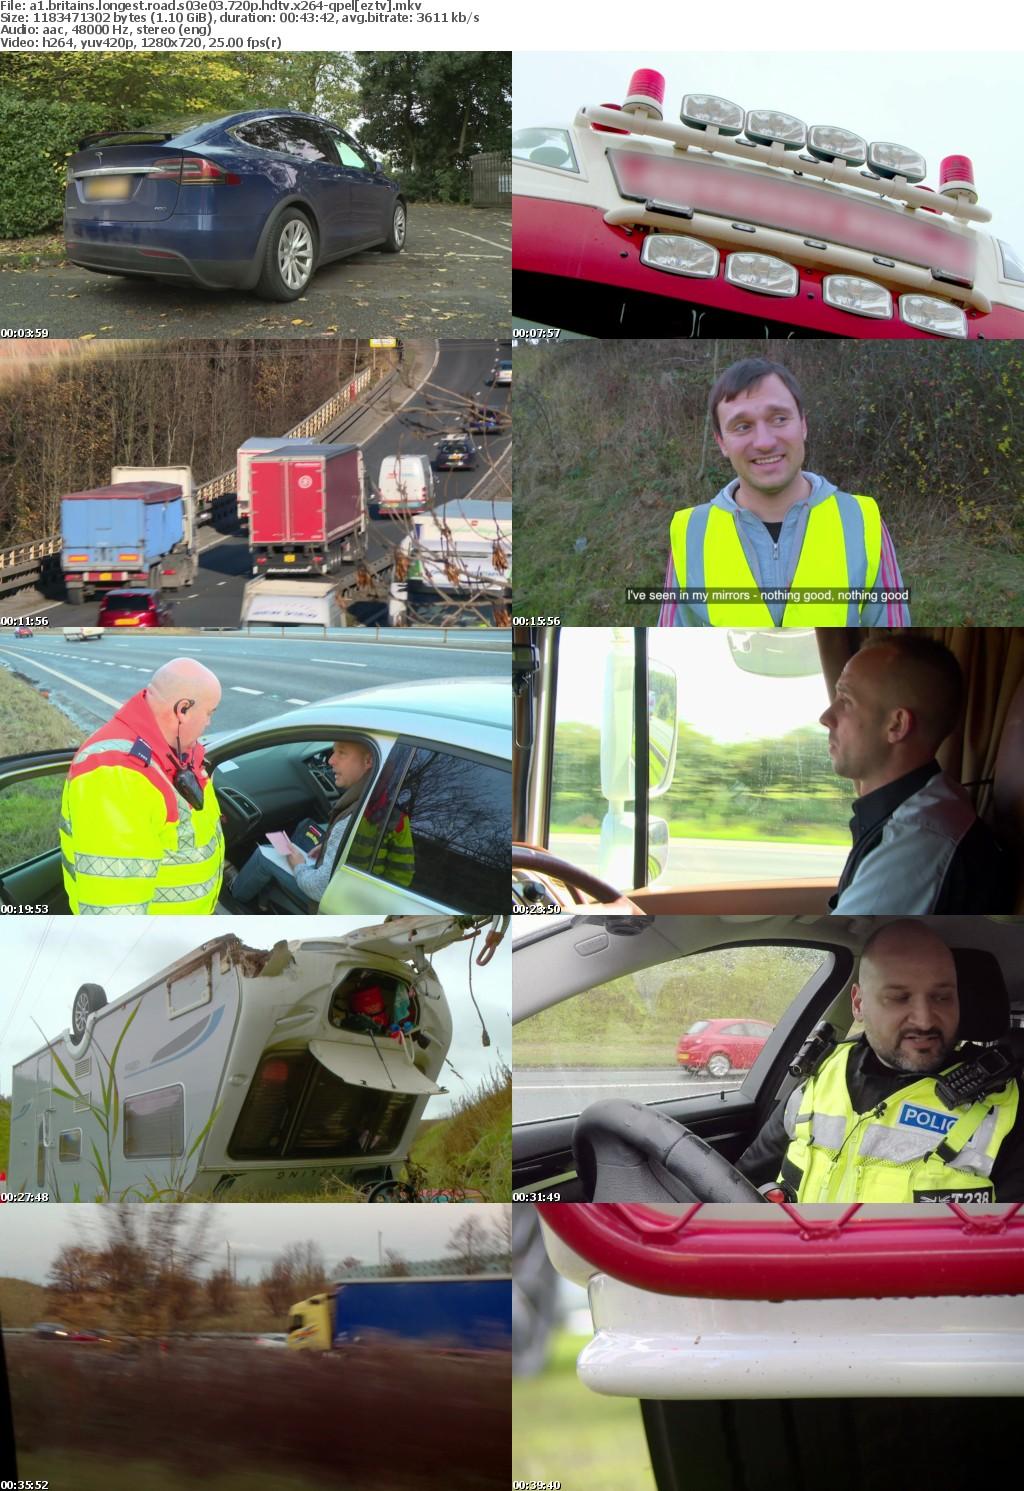 A1 Britains Longest Road S03E03 720p HDTV x264-QPEL